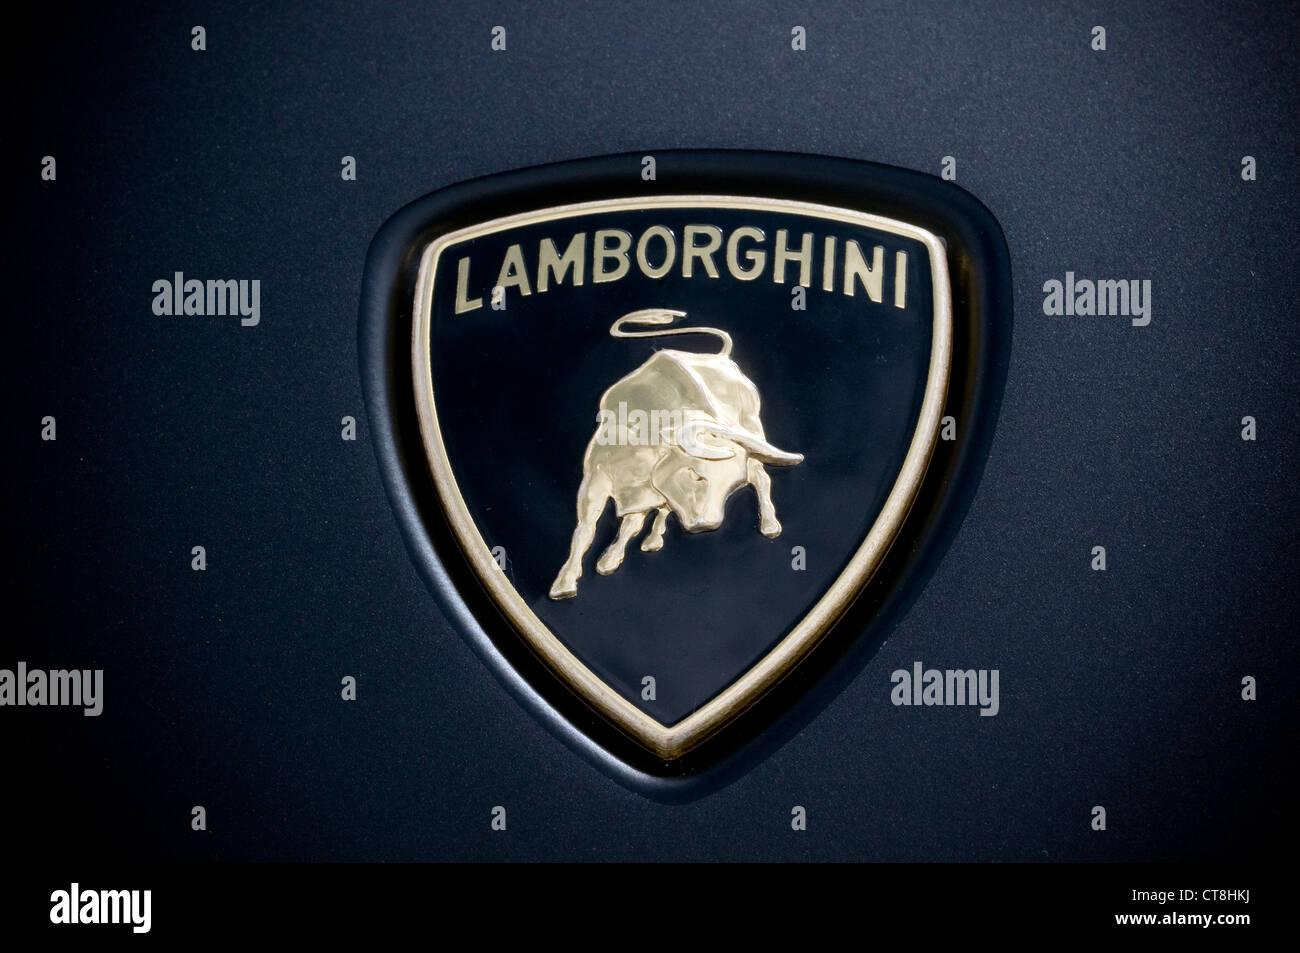 Lamborghini Badge,auto, Automobile, Automotive, Aventador, Car, Chrome,  Classic